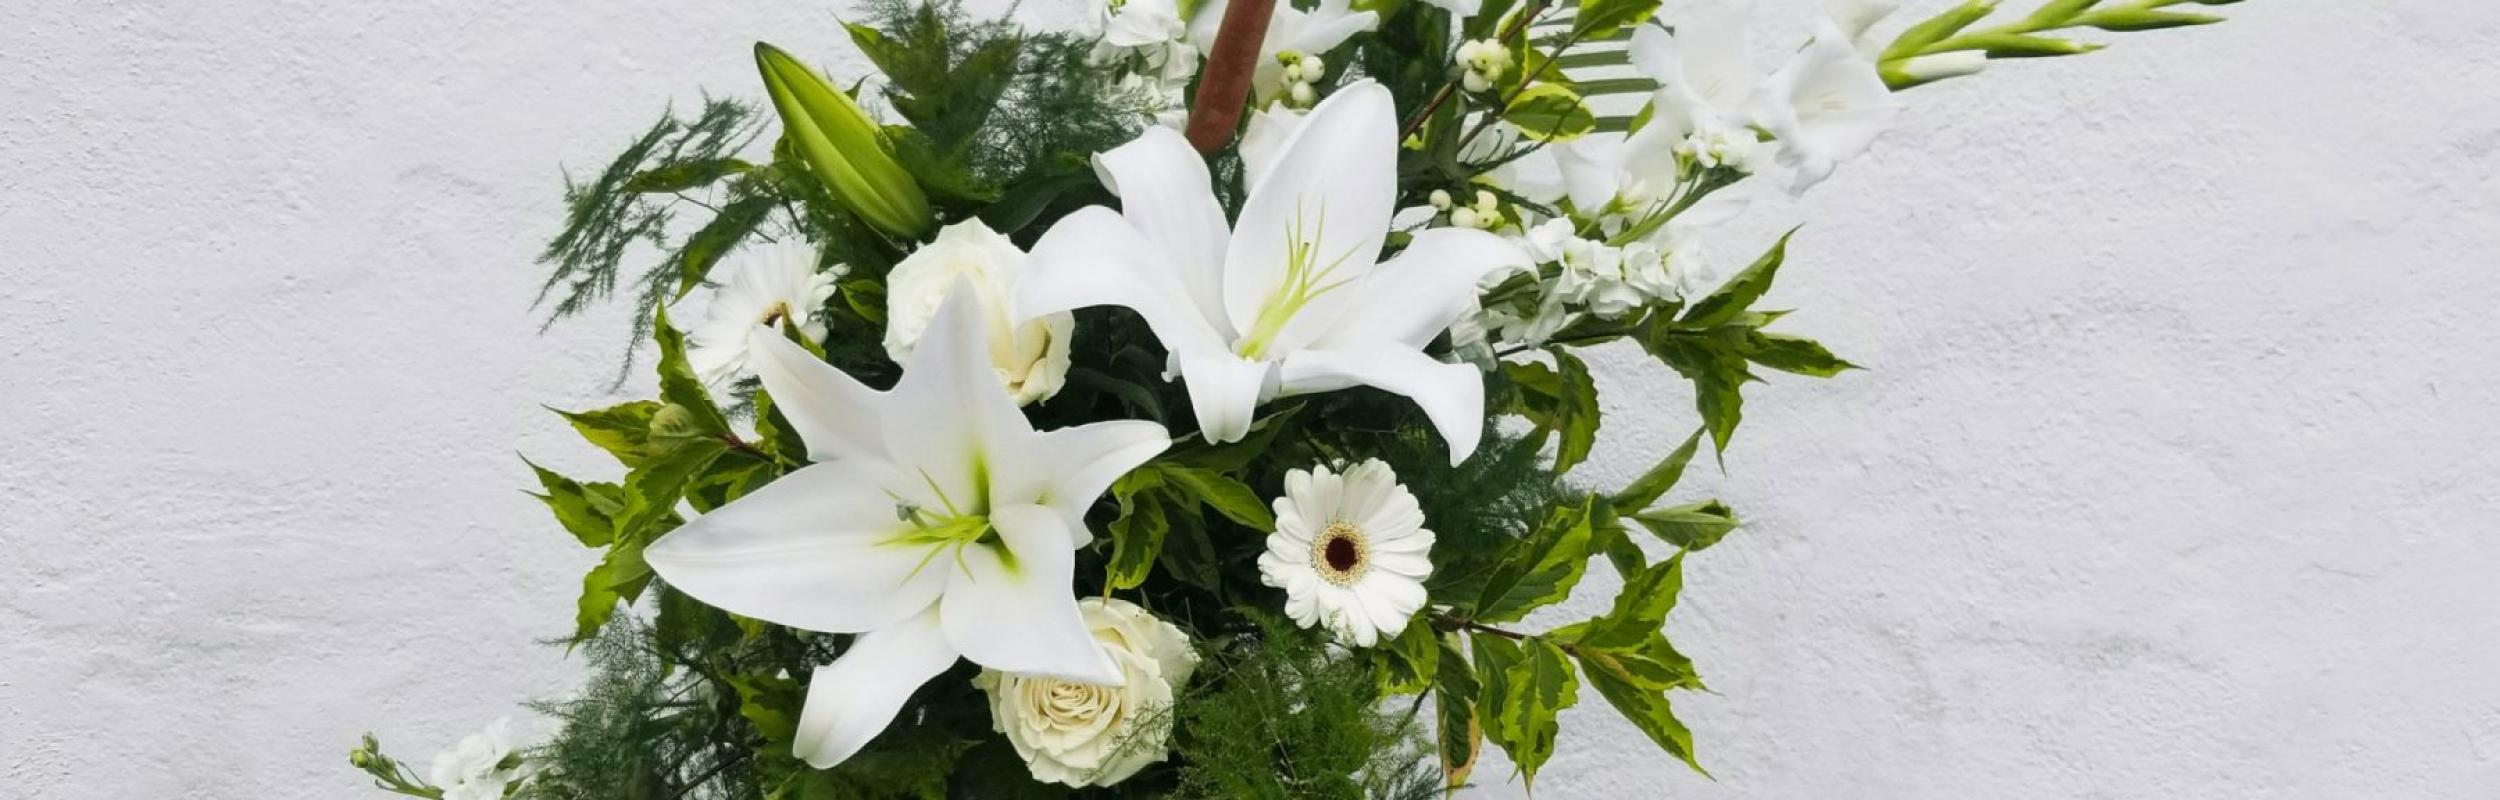 Petals Plus Flower Display 1